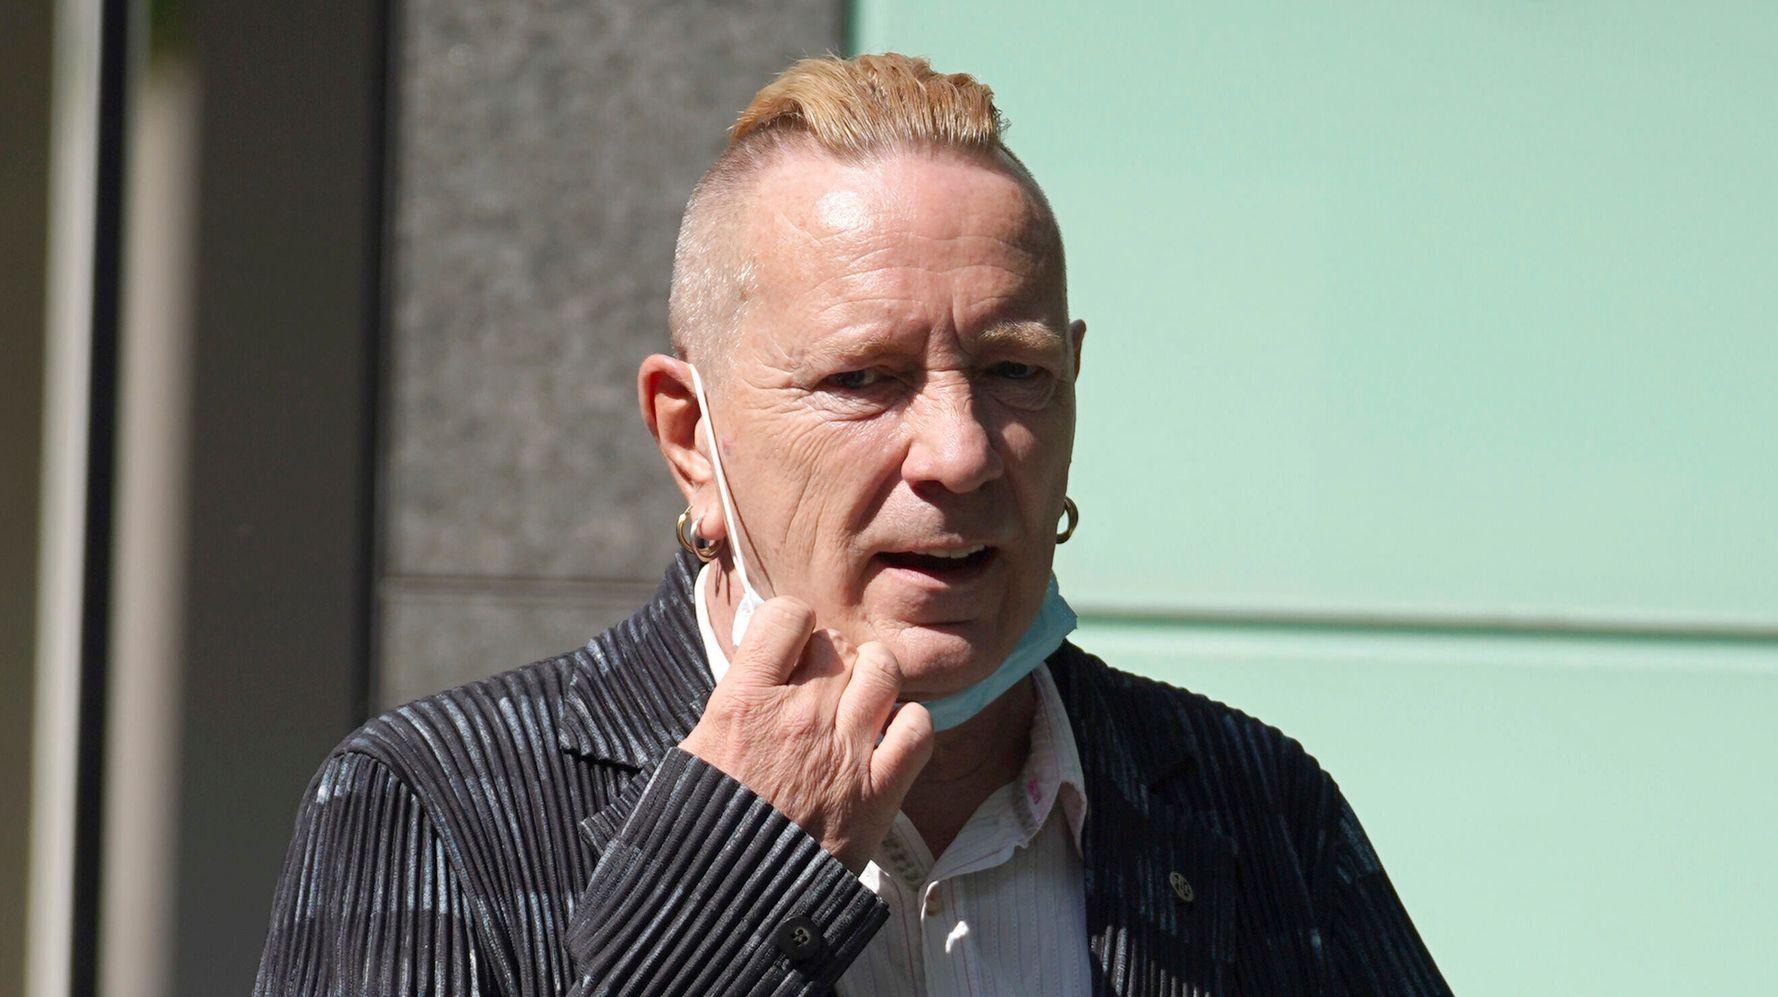 Former Sex Pistols Singer John Lydon Won't Let Songs Be Used In TV Series